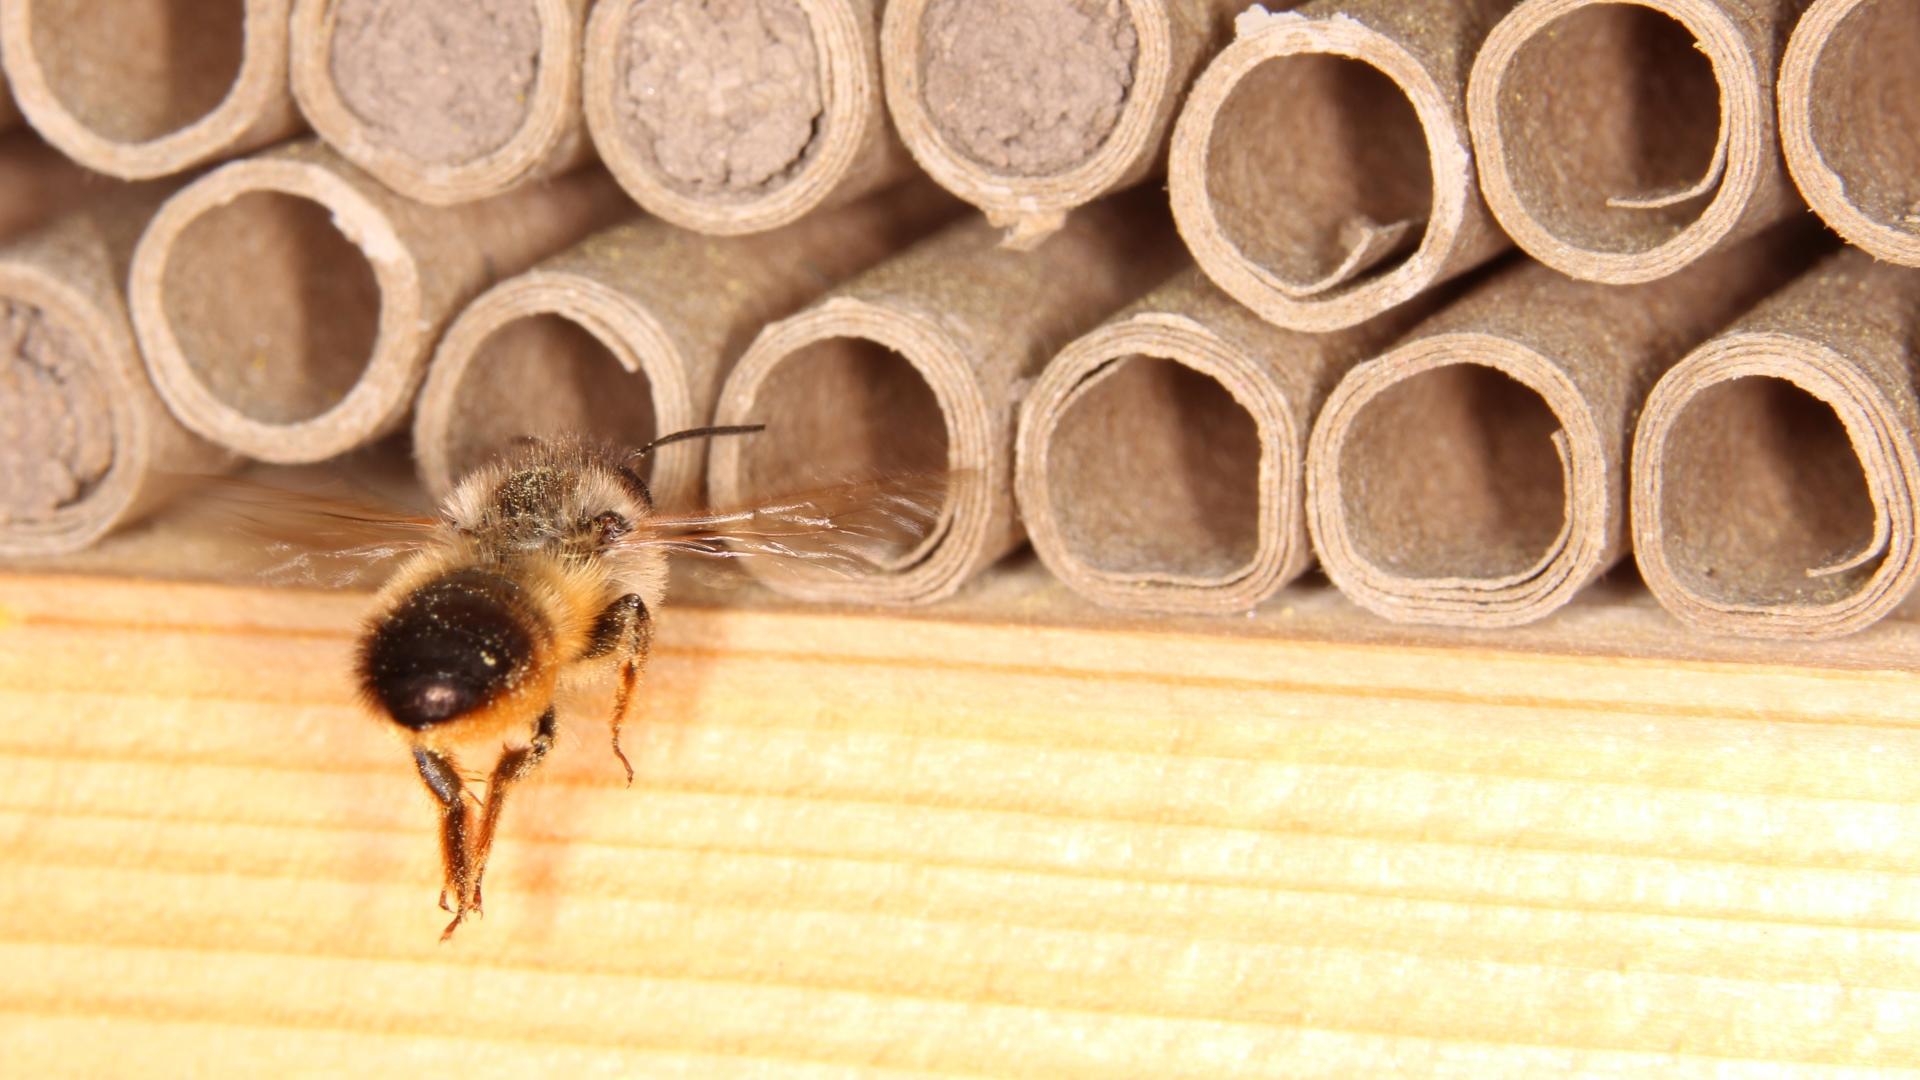 Дикие пчёлы начали строить гнёзда целиком из пластика. О чём это нам говорит?